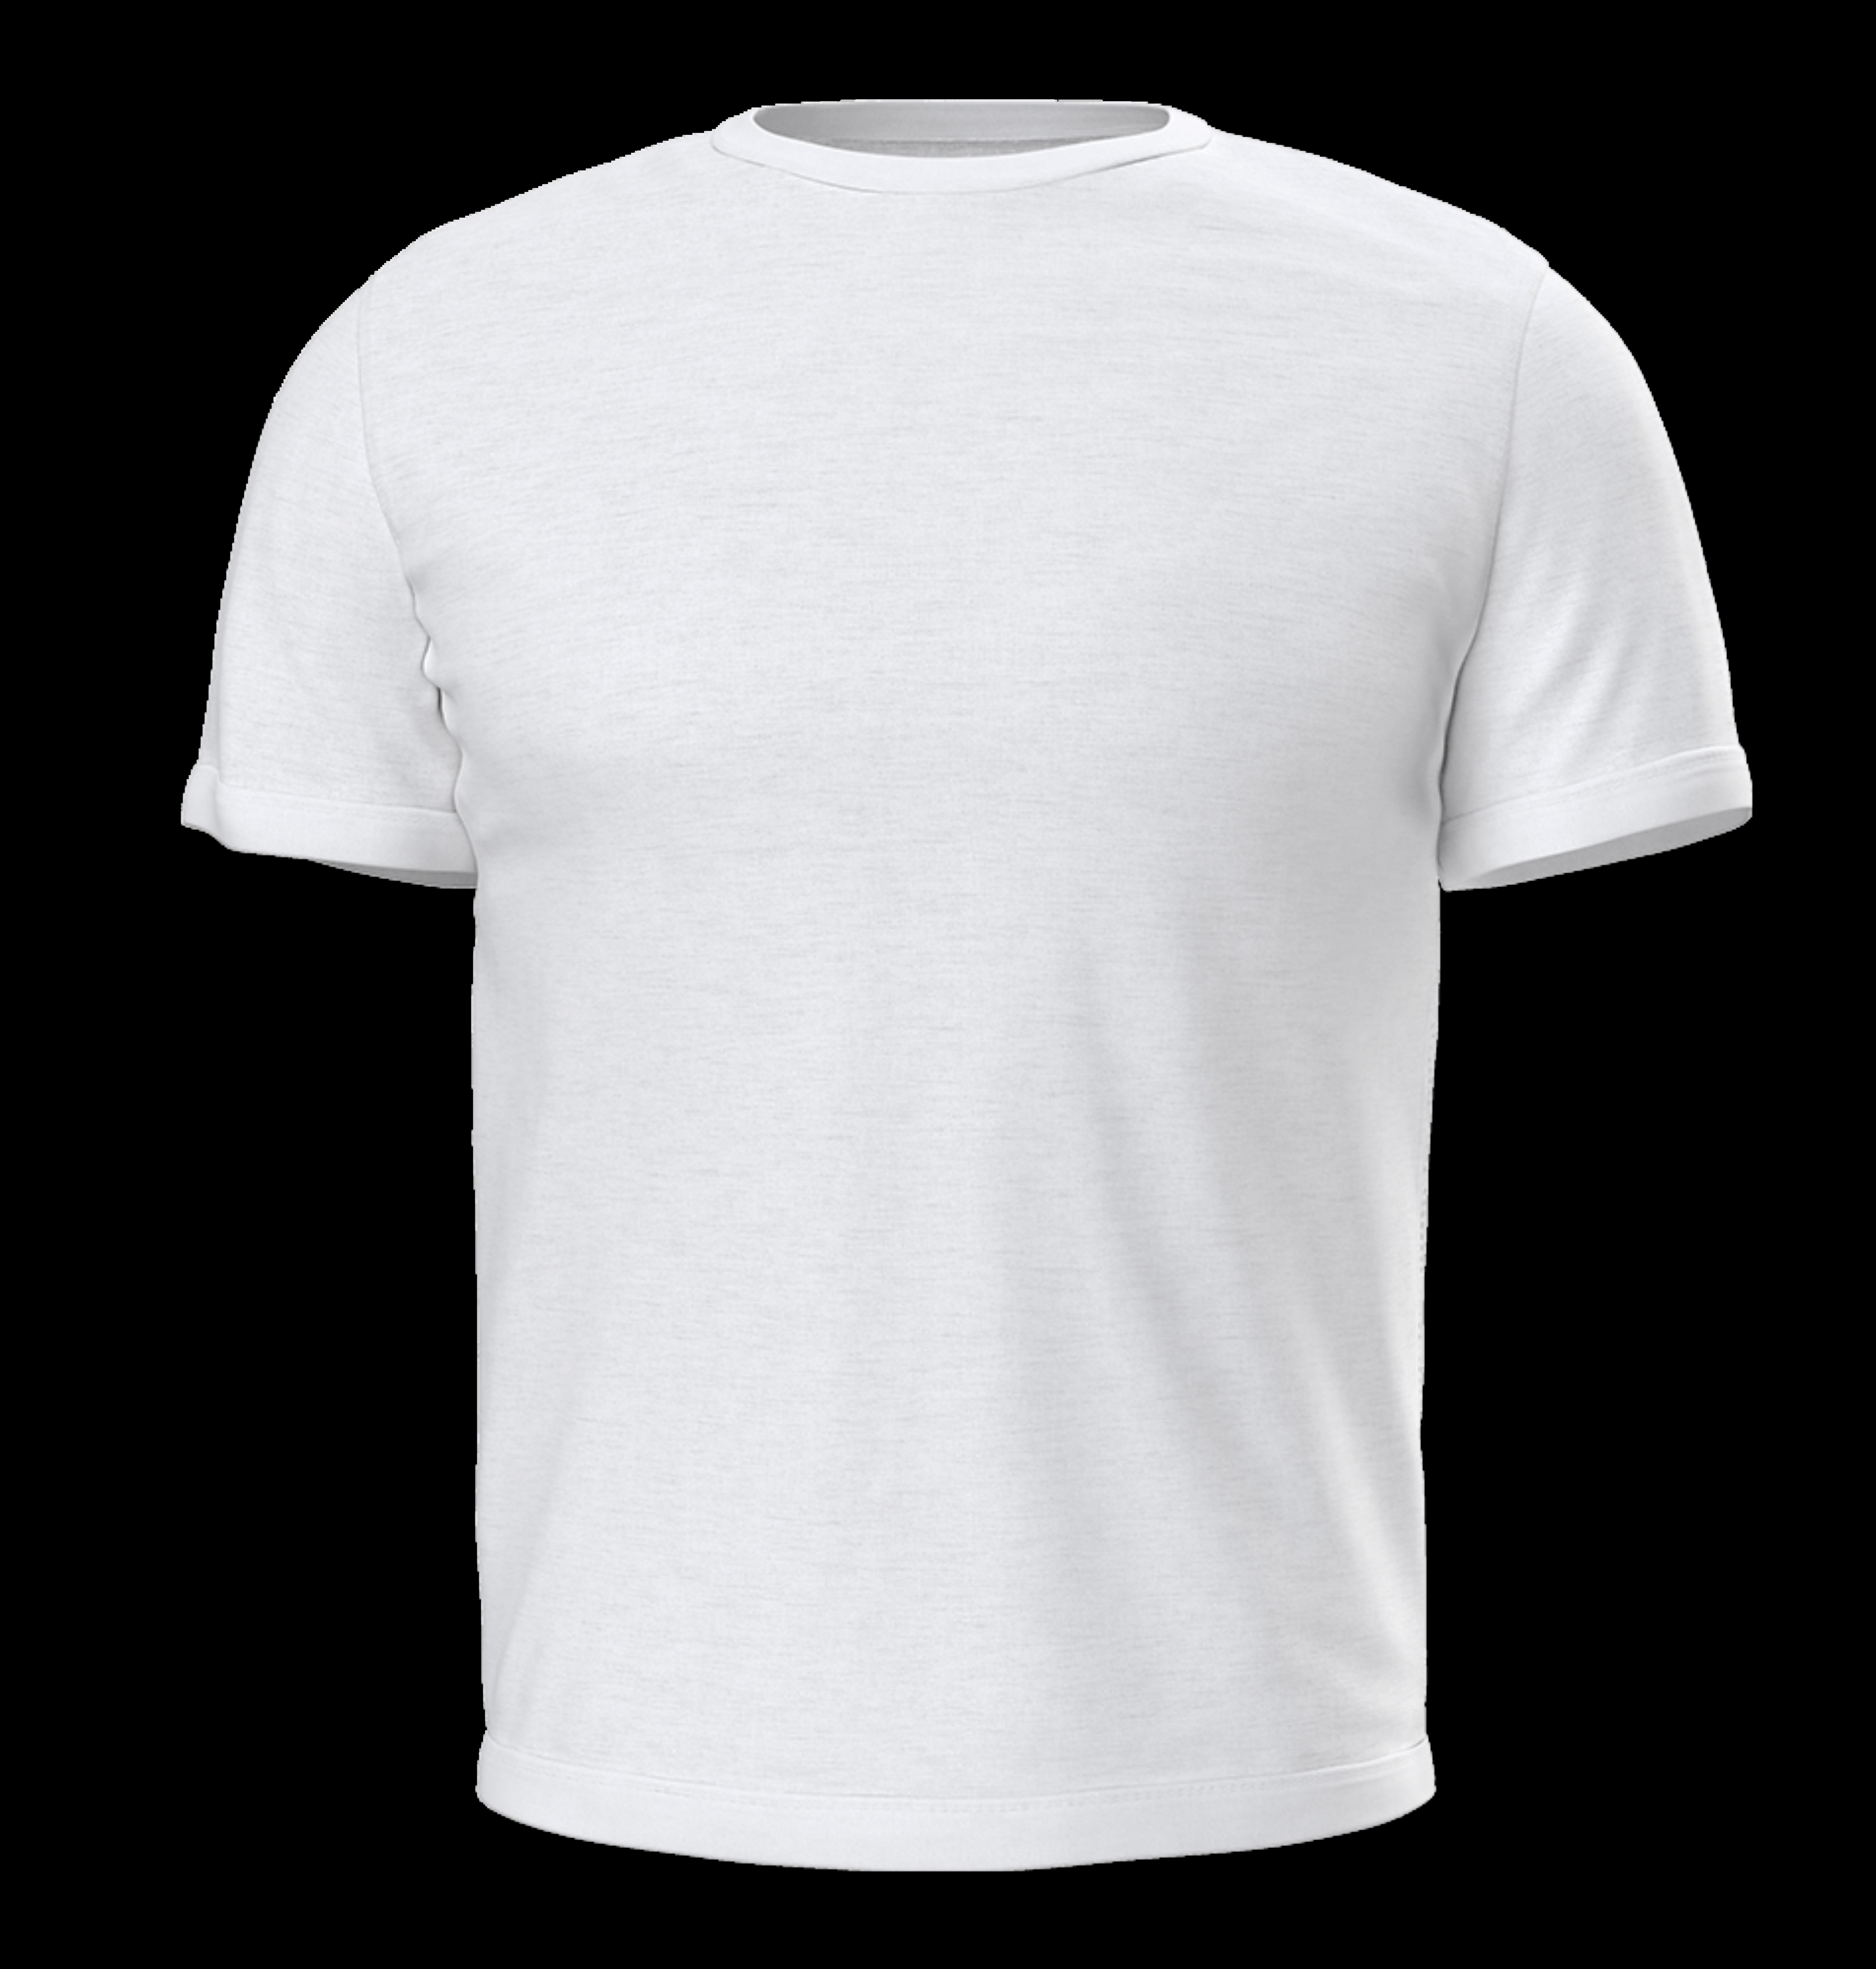 -t-shirt _ Basic 001